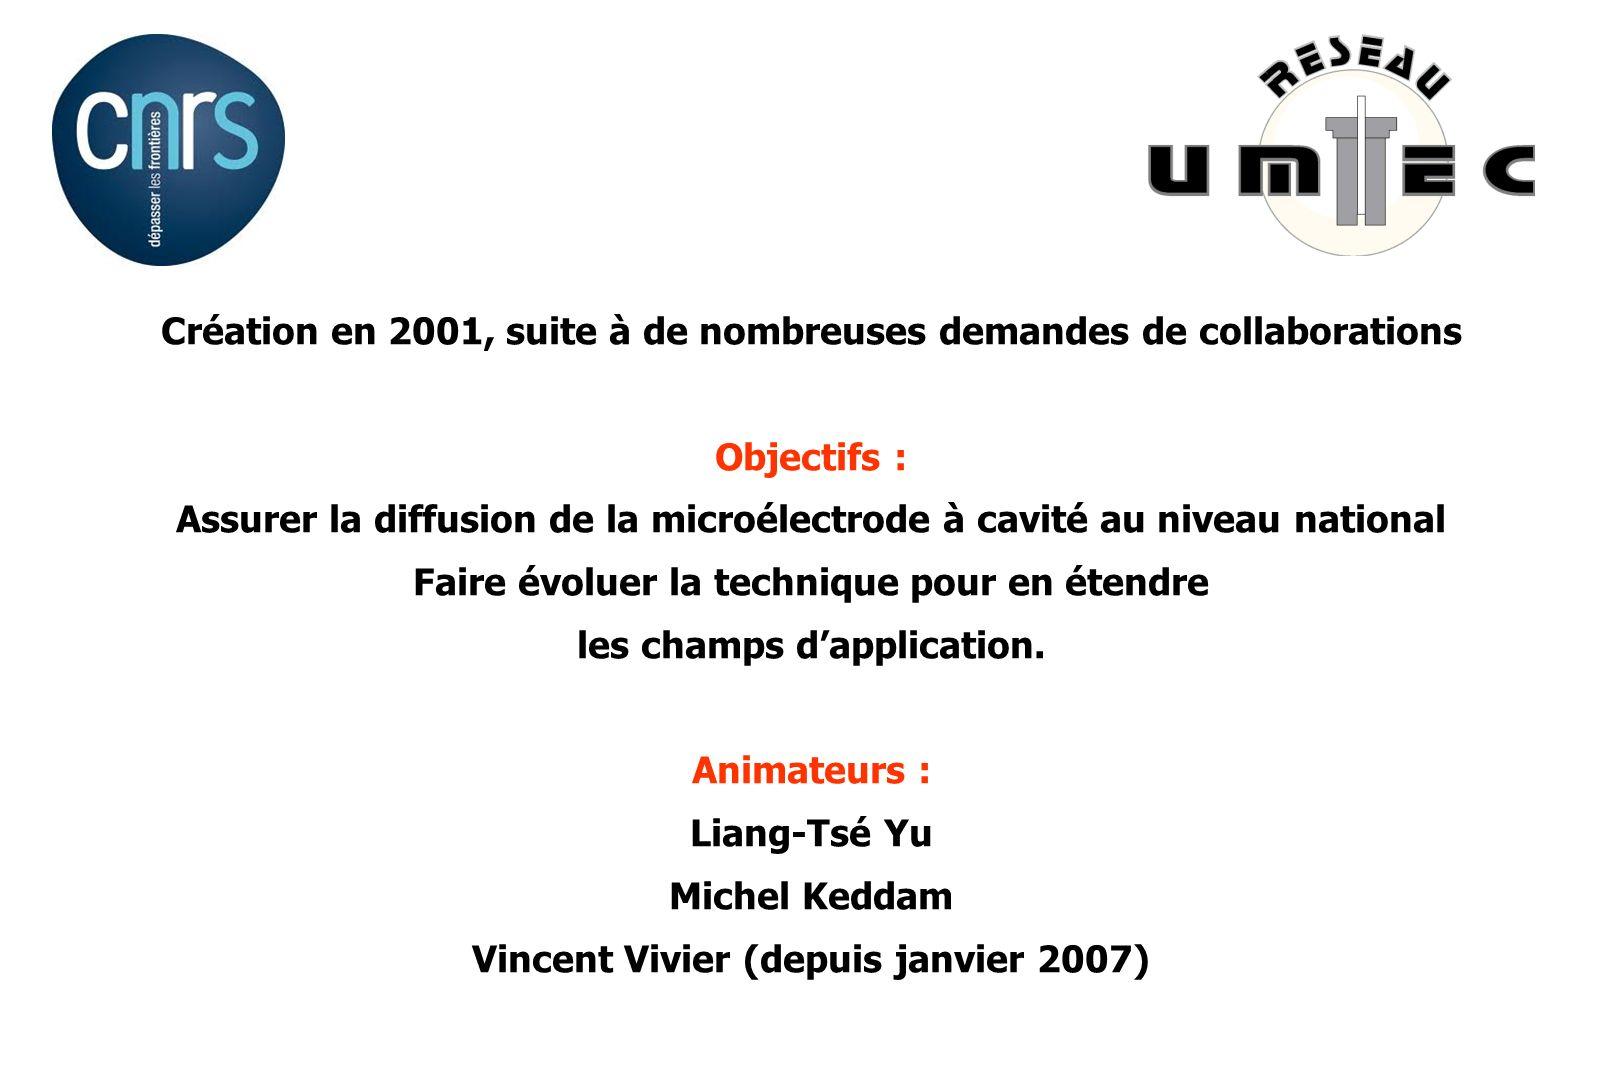 Création en 2001, suite à de nombreuses demandes de collaborations